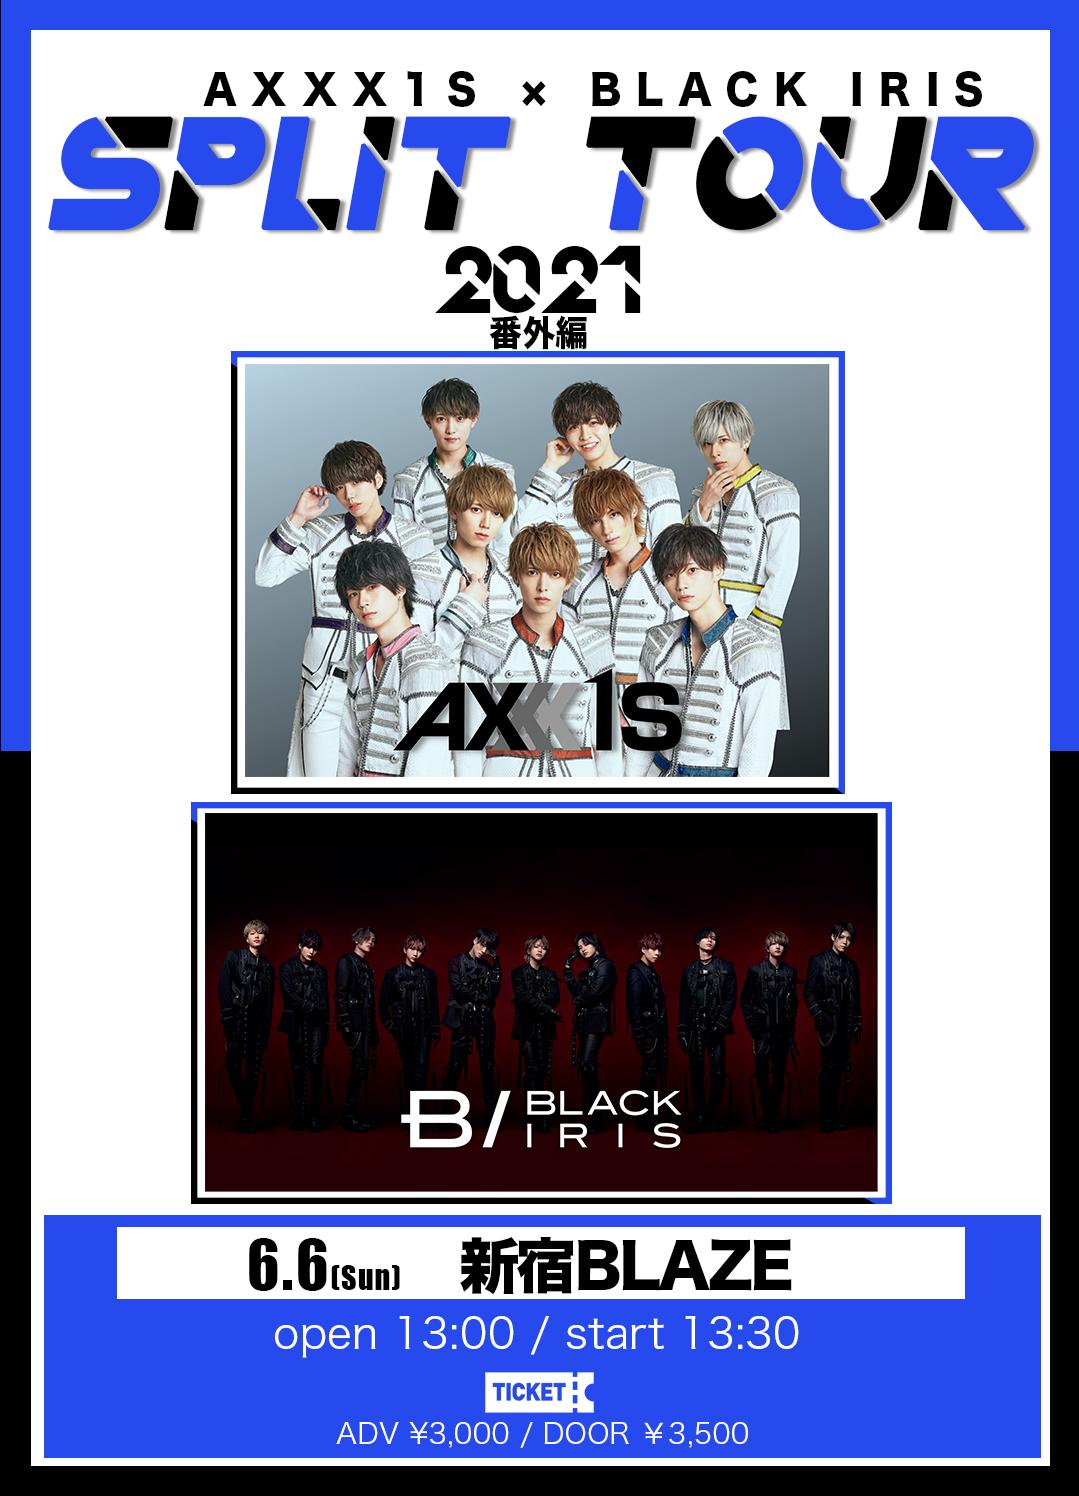 AXXX1S × BLACK IRIS SPLIT TOUR 2021 番外編